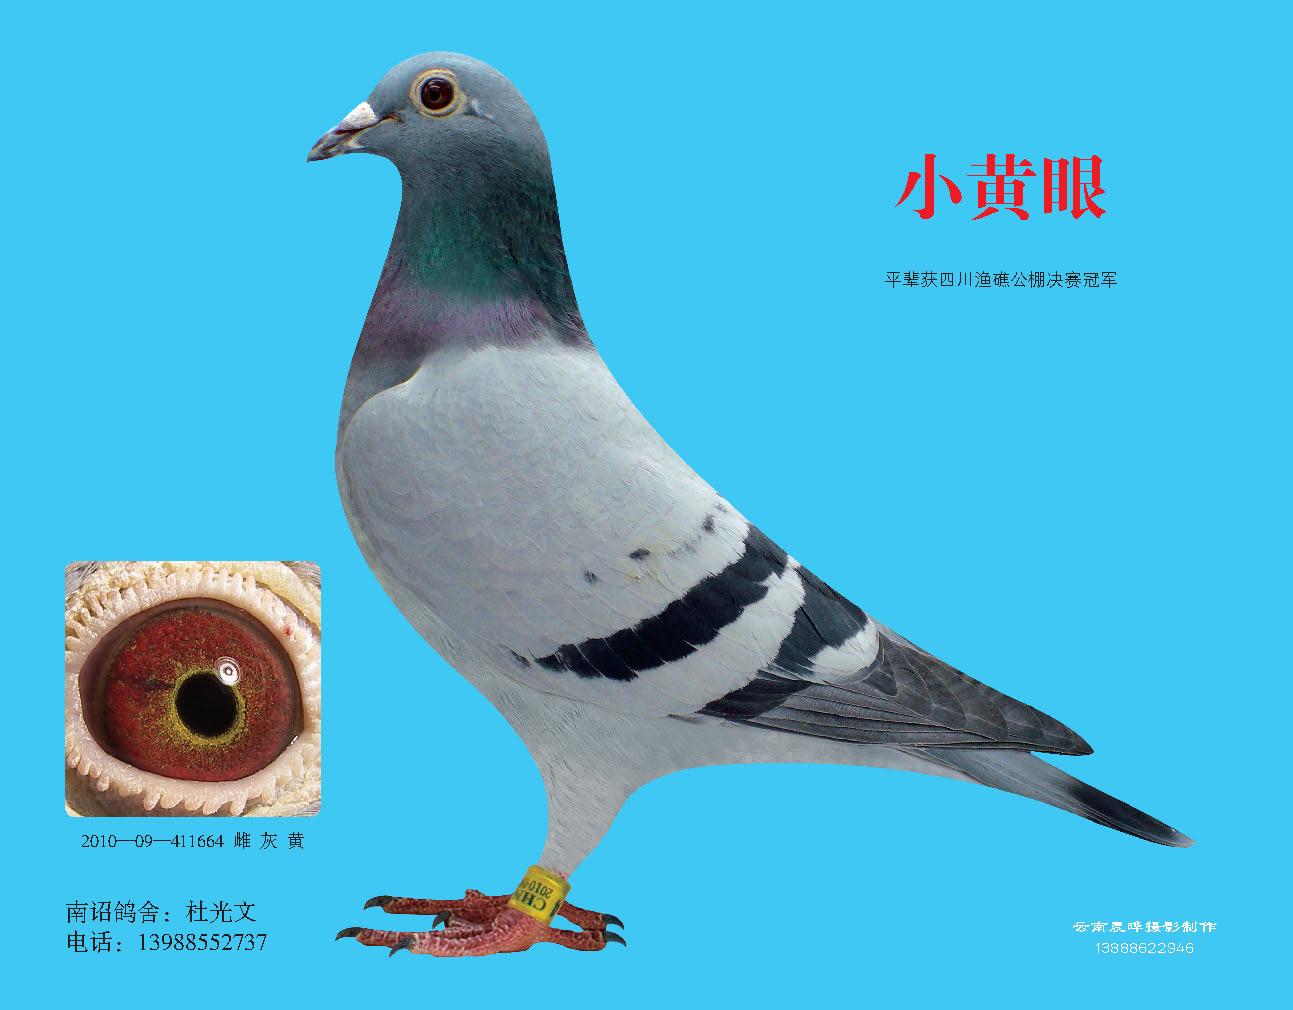 鸟类的共同特征